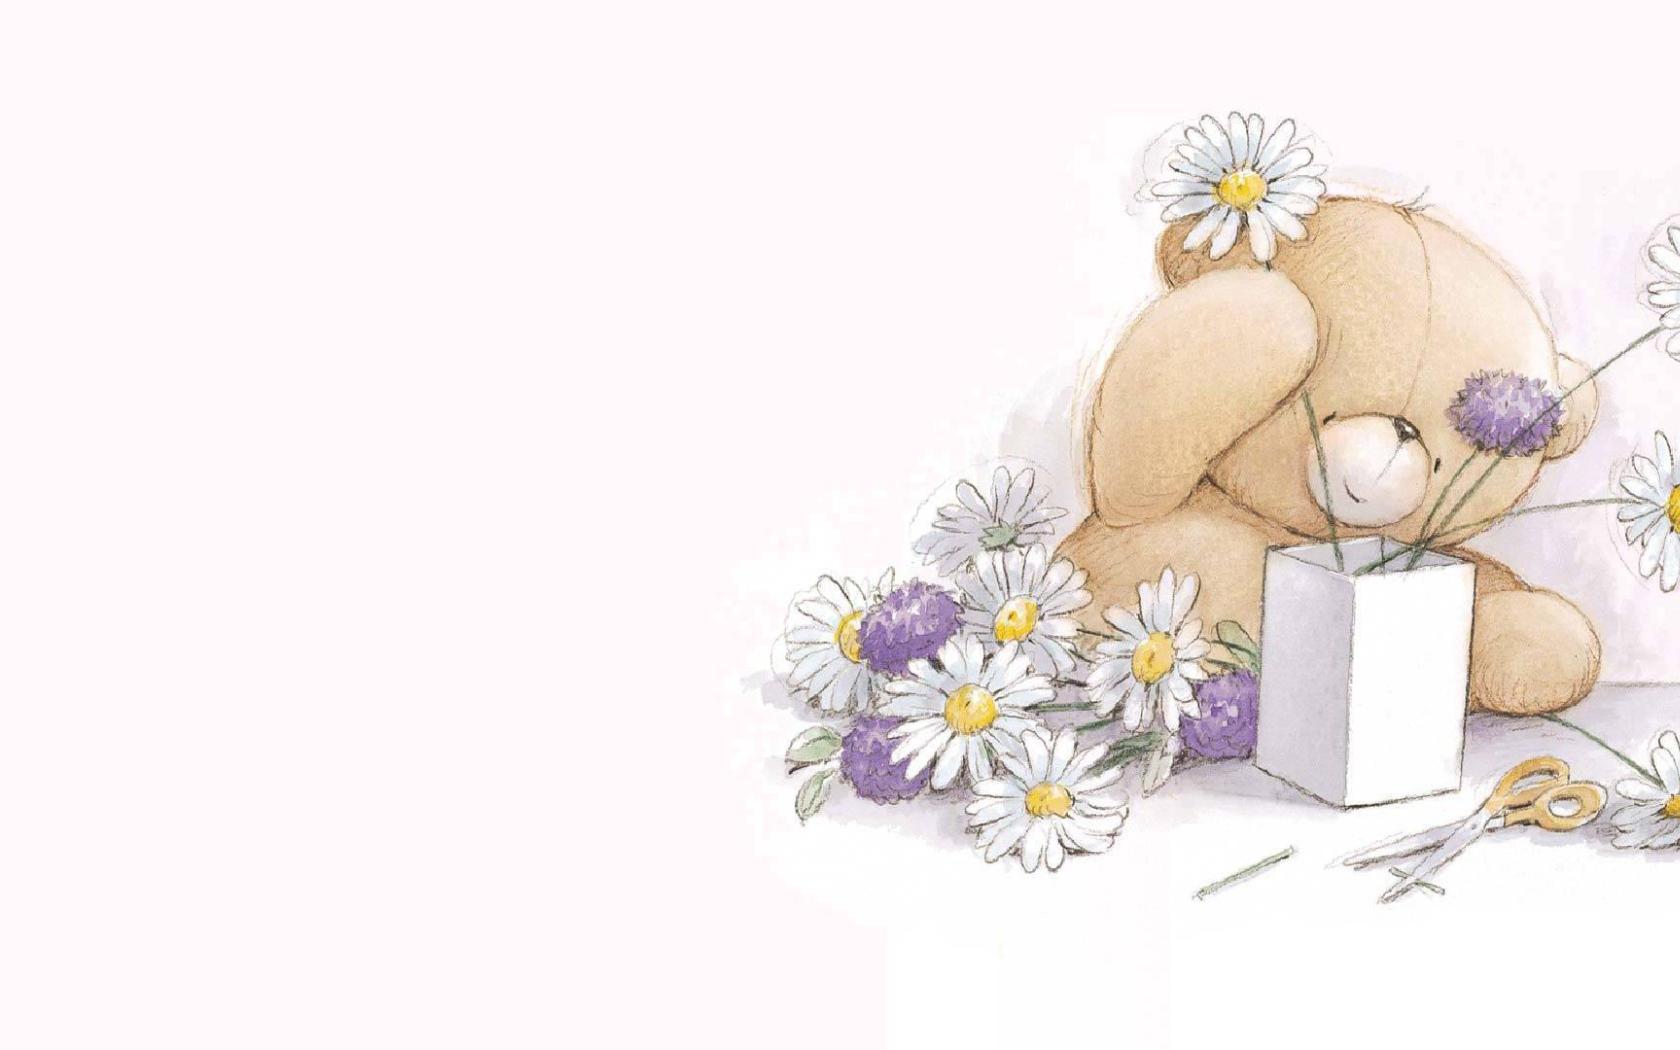 Открытки с мишками с цветами, открытки месяцами жизни